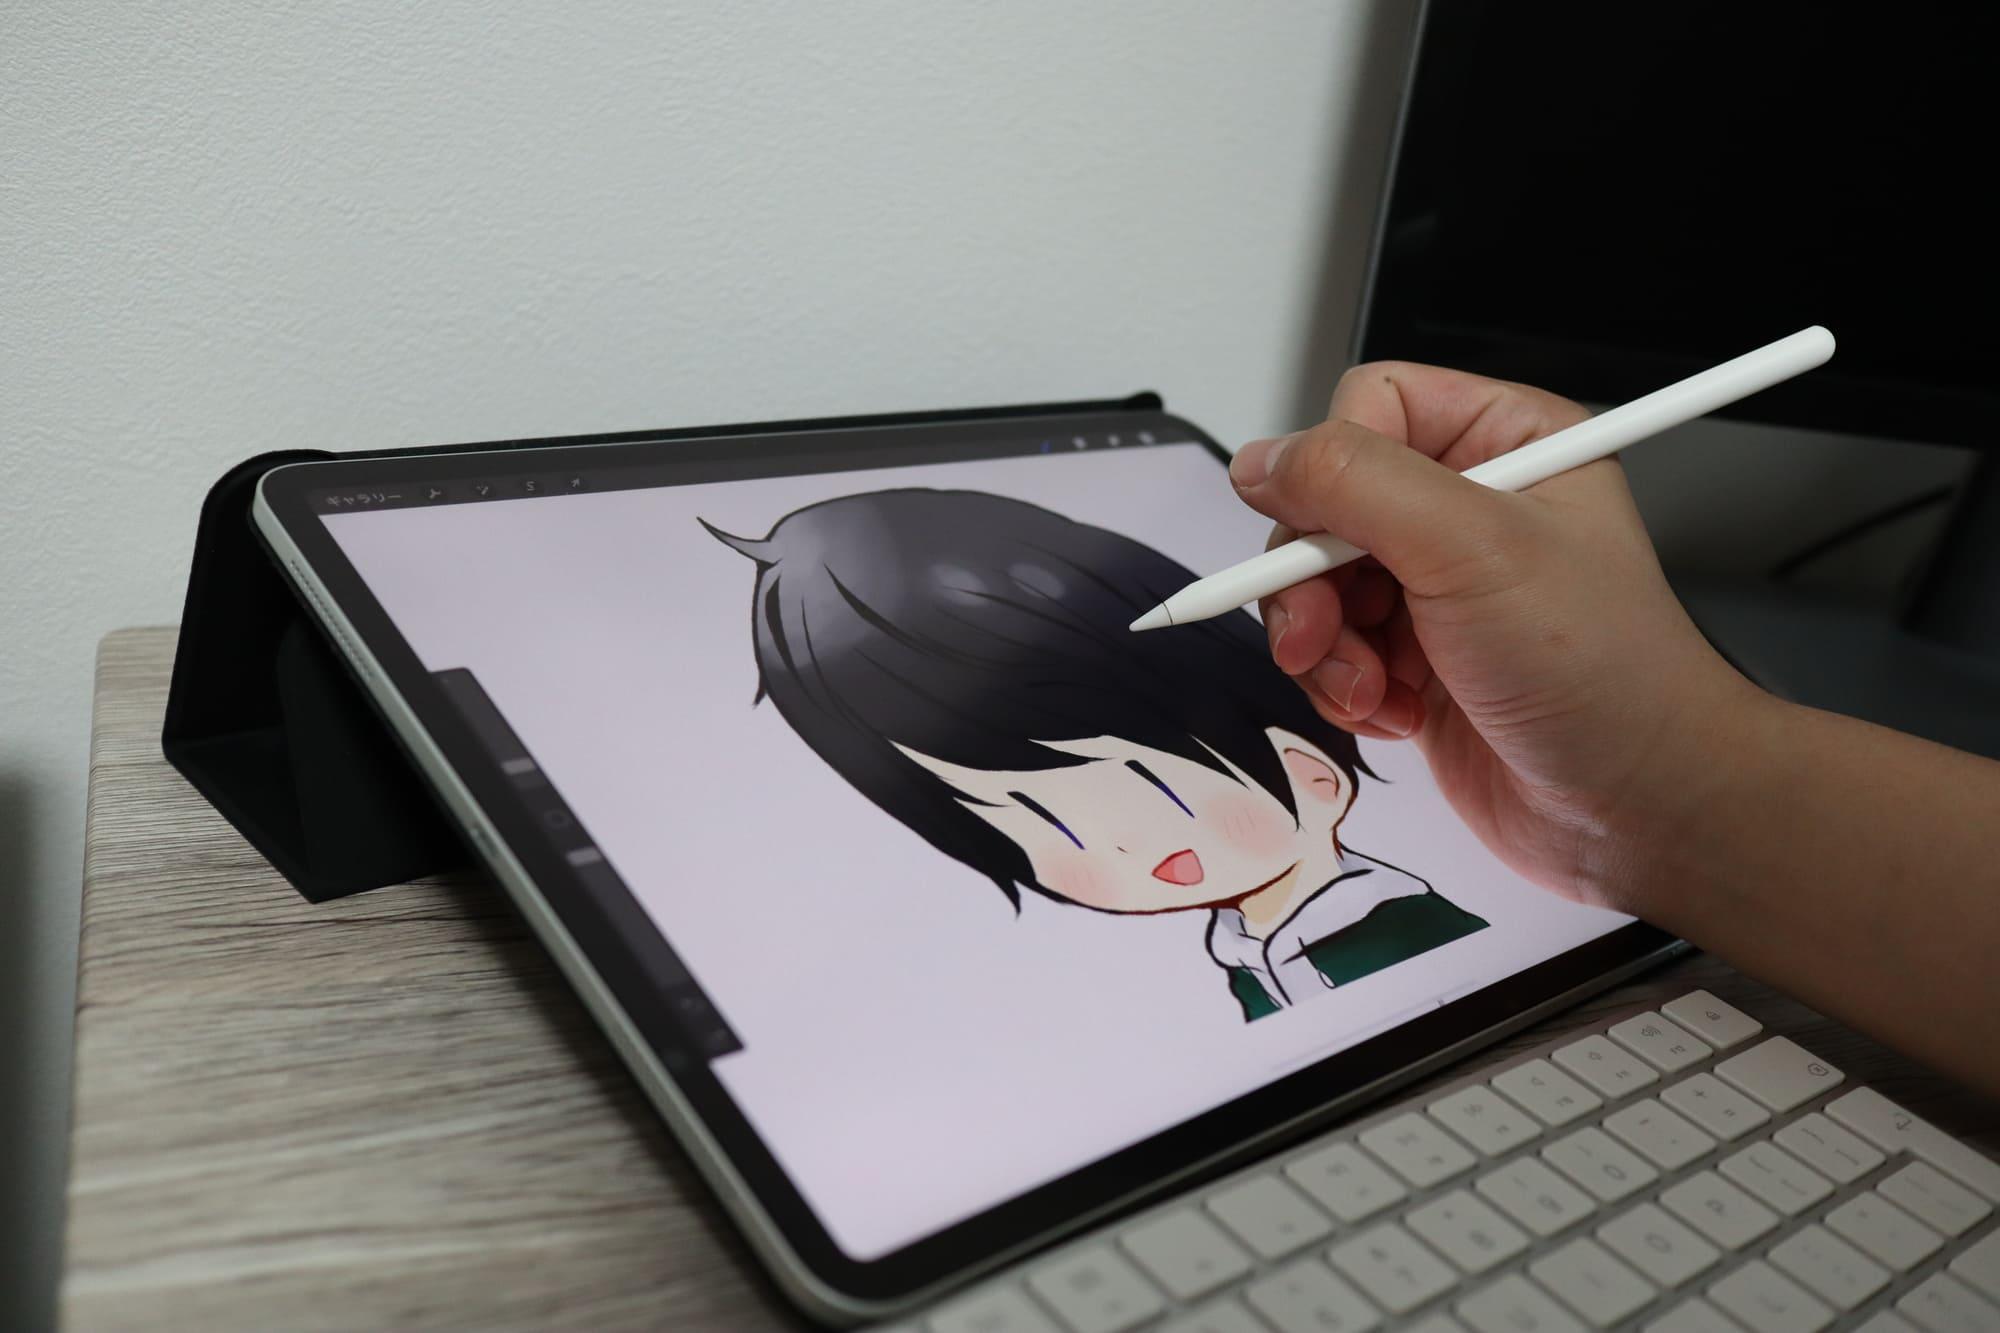 Apple Pencilで絵を描く